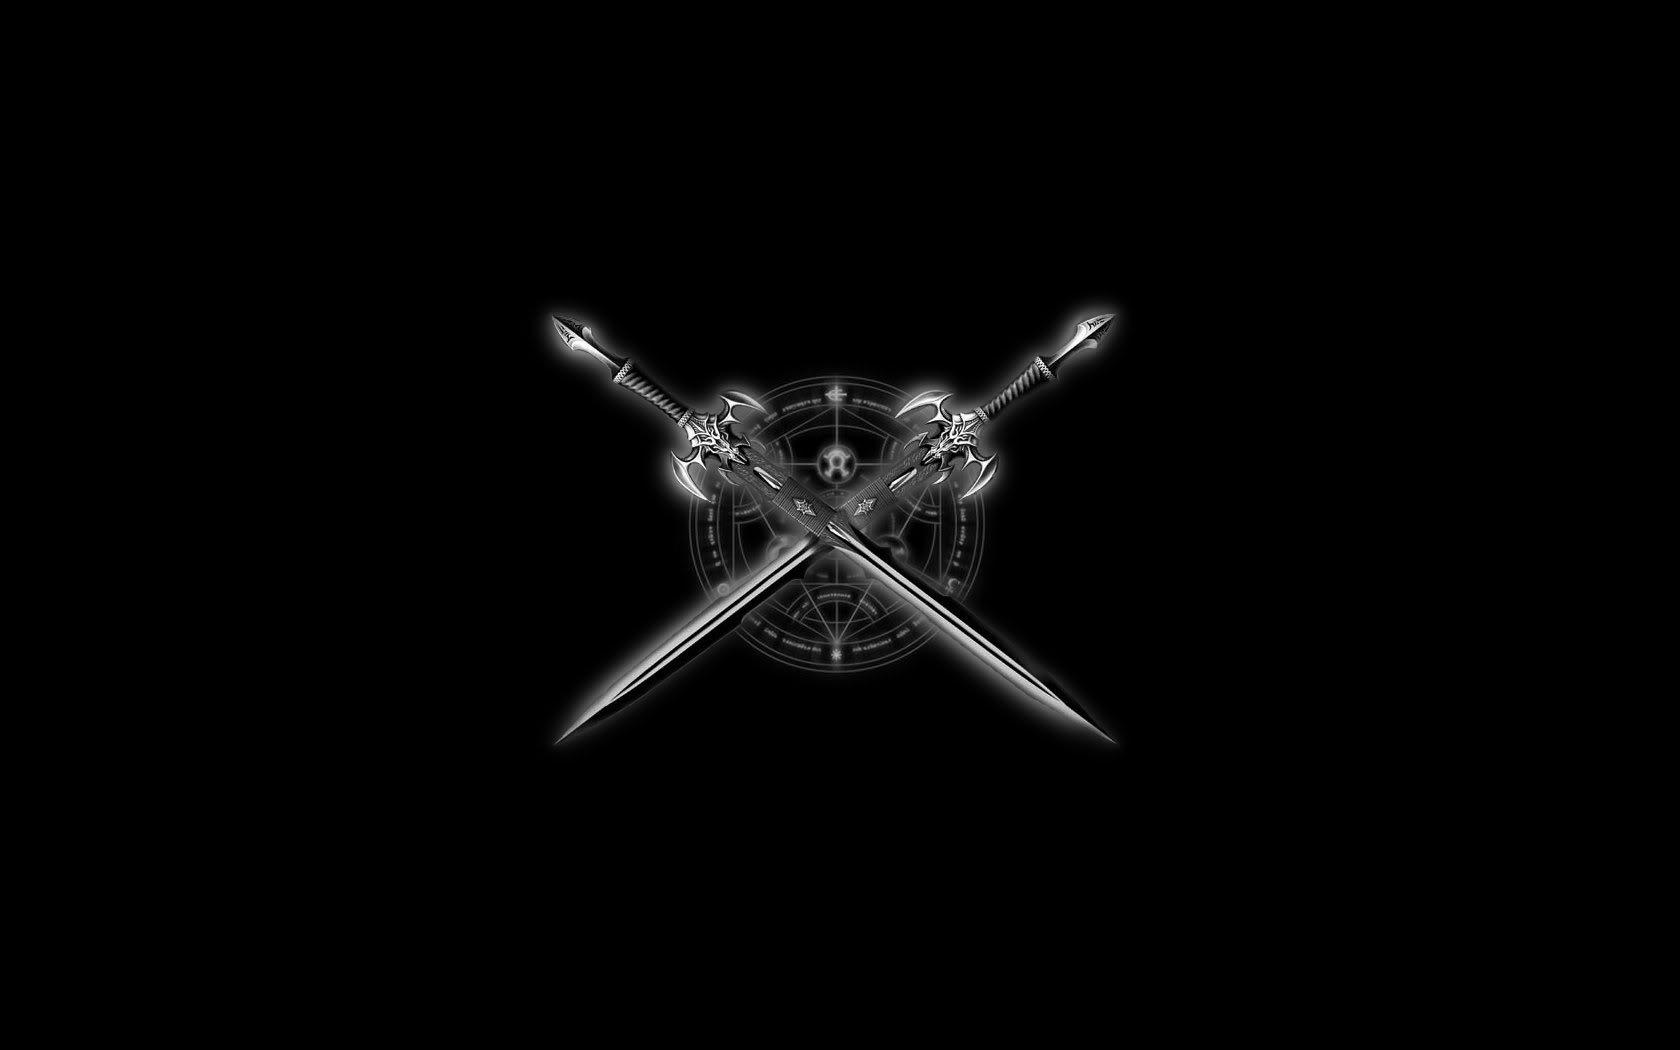 sword hd wallpaper